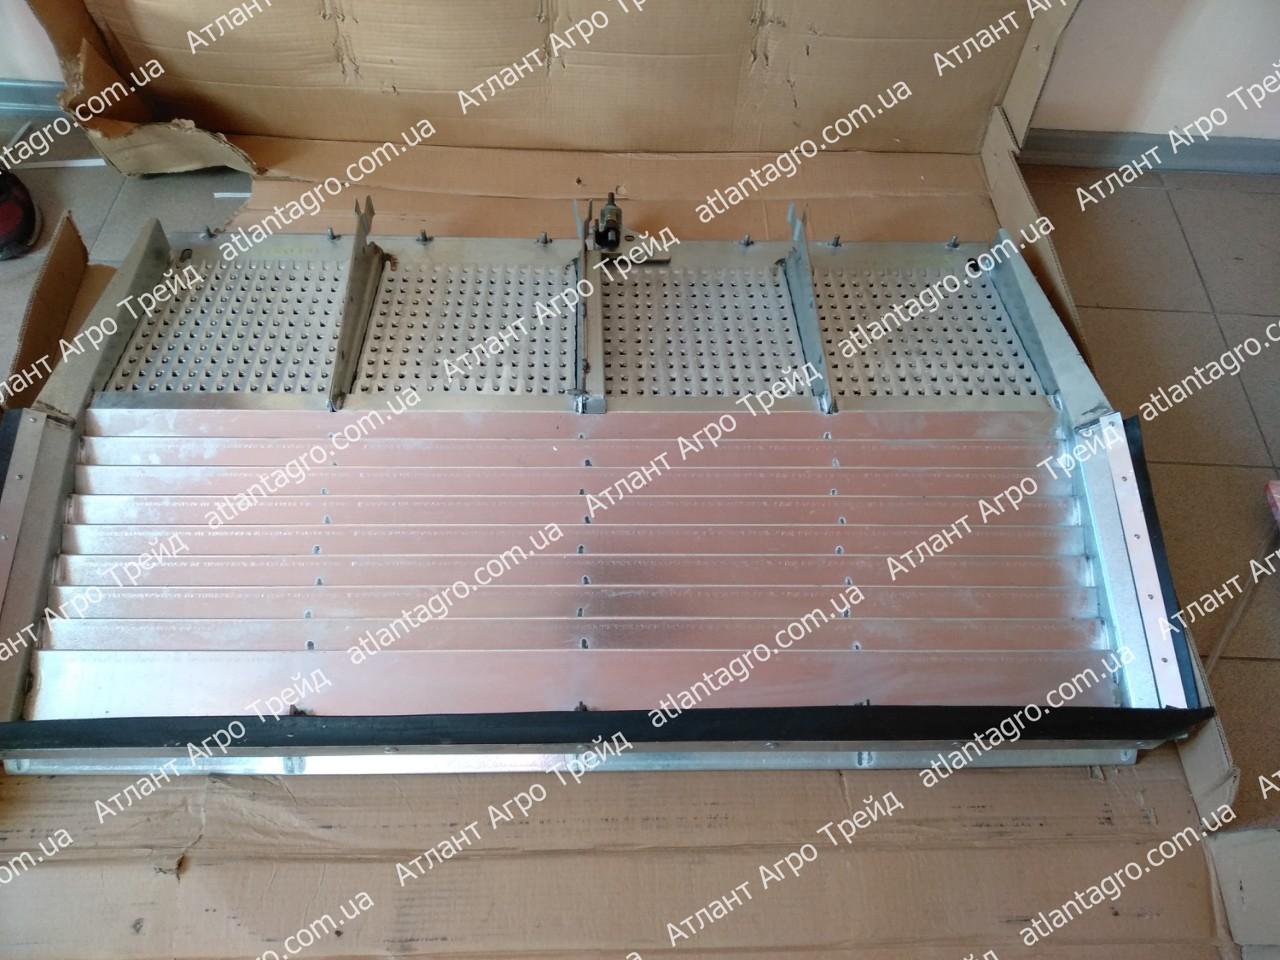 AH212423 Рамка стрясной доски (AH217044)